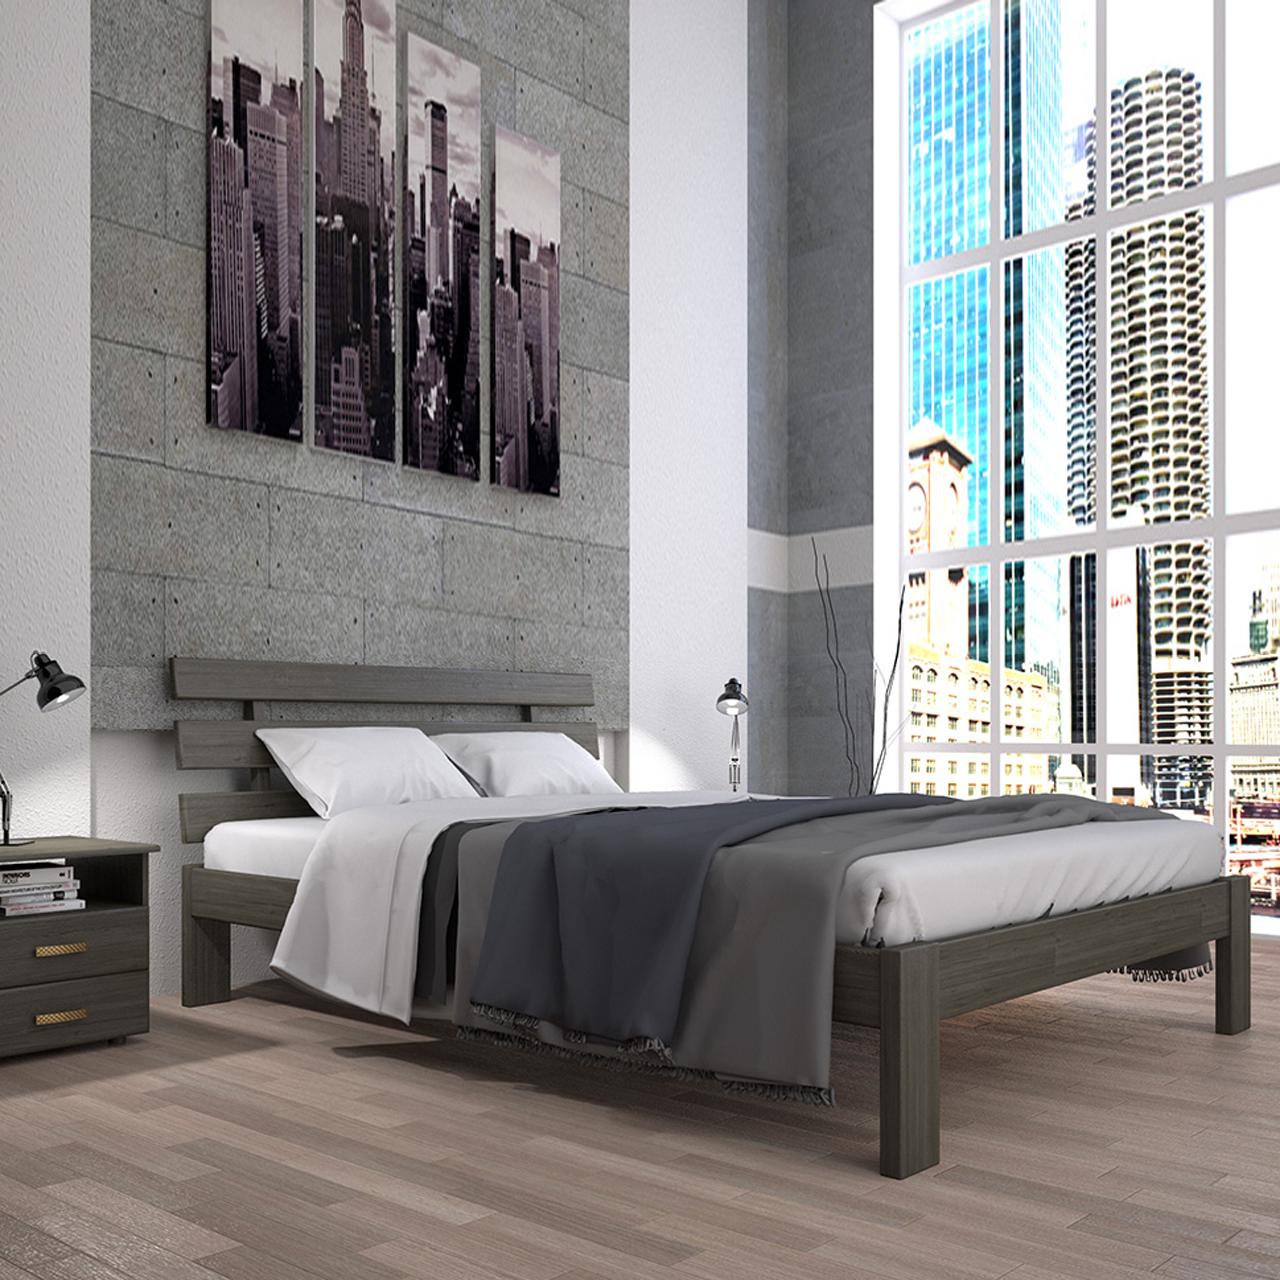 Кровать деревянная Домино-1 односпальная